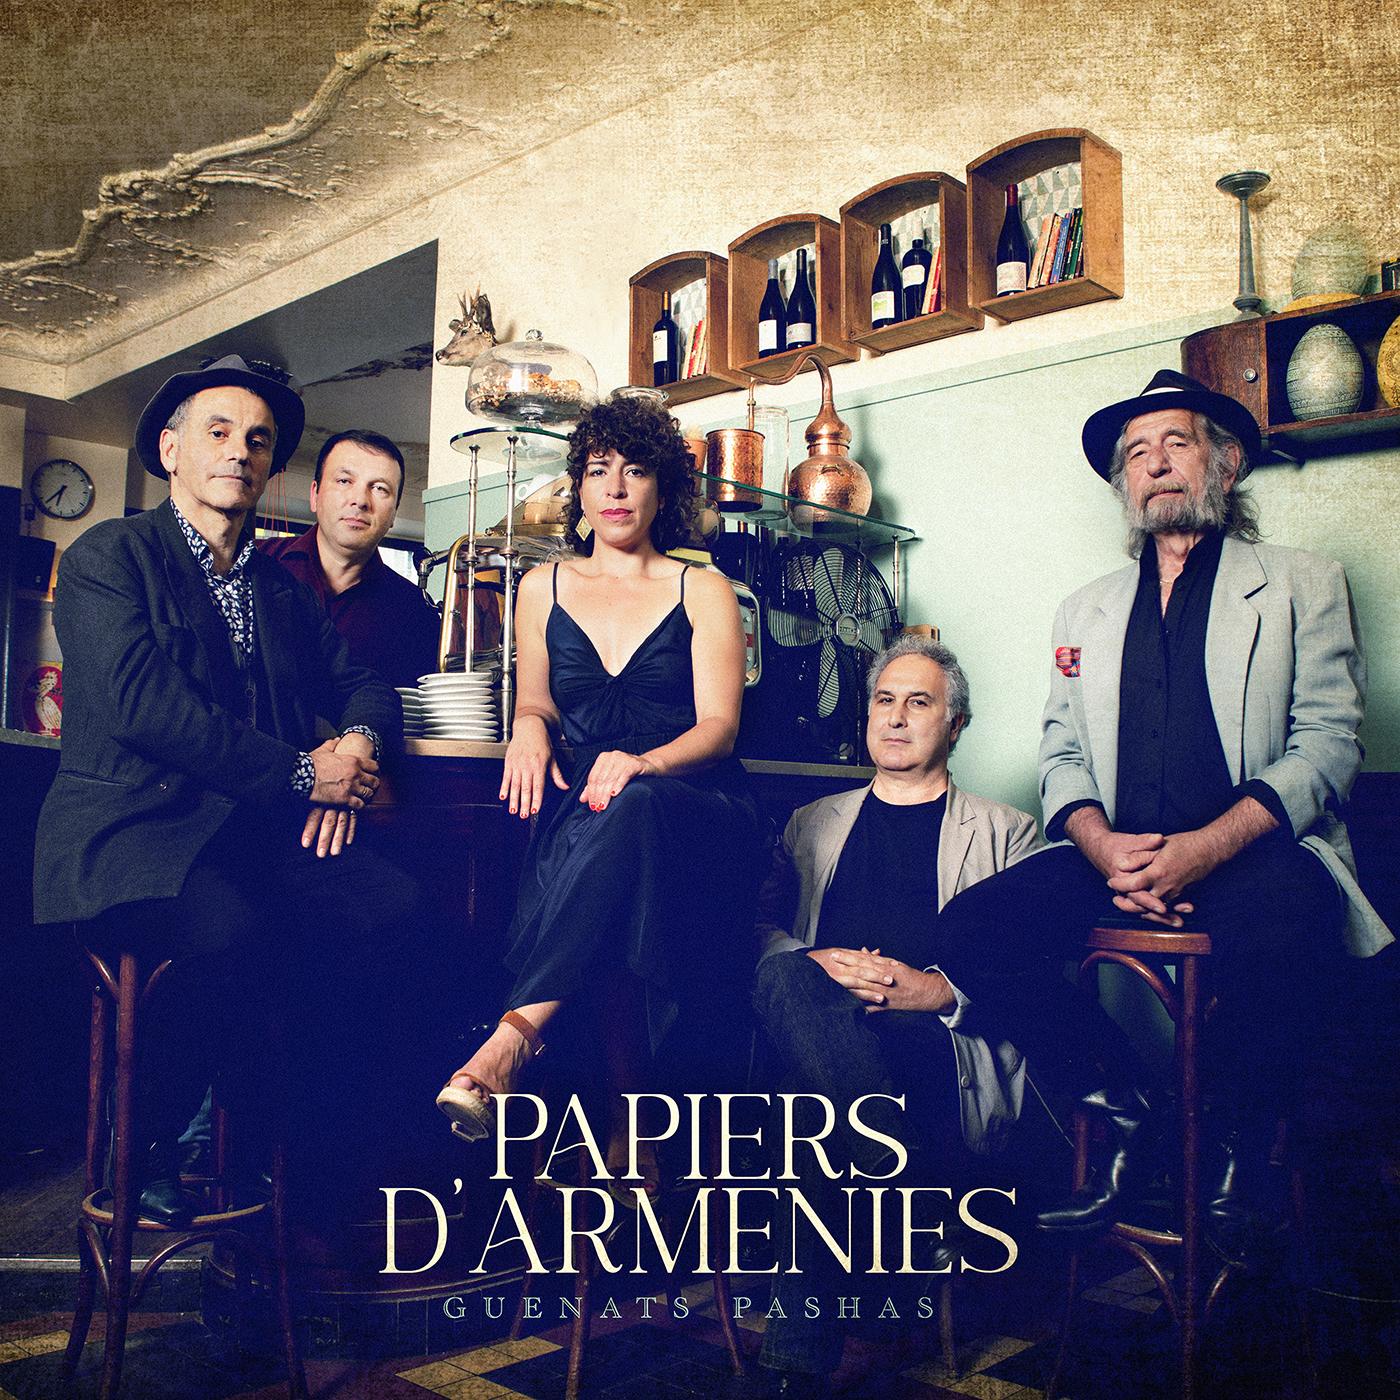 Papiers d'Arménie - cover 1400x1400